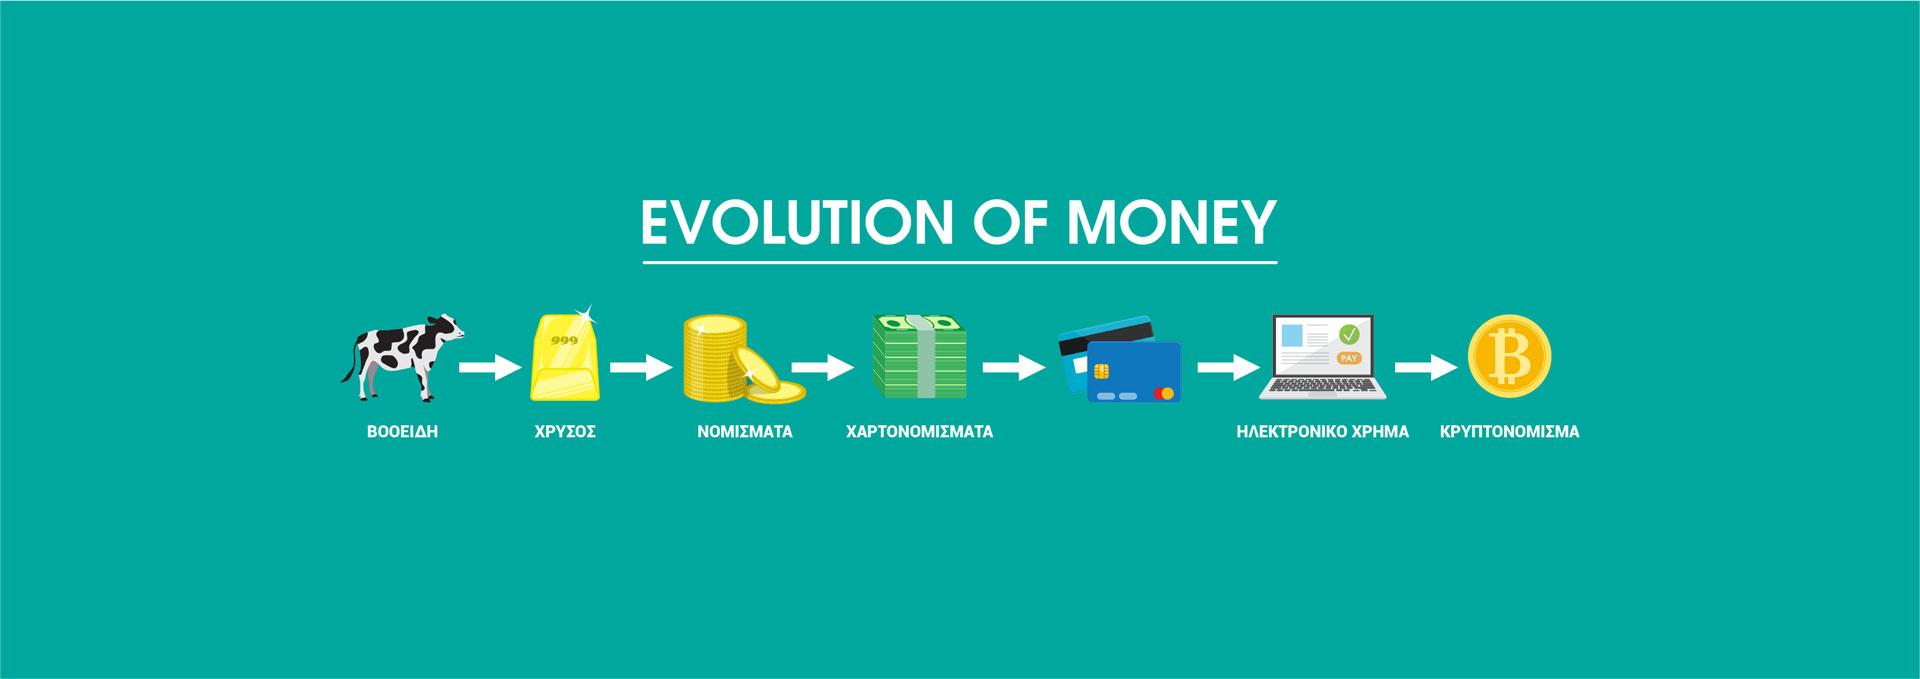 Η ιστορία του χρήματος - banner 1